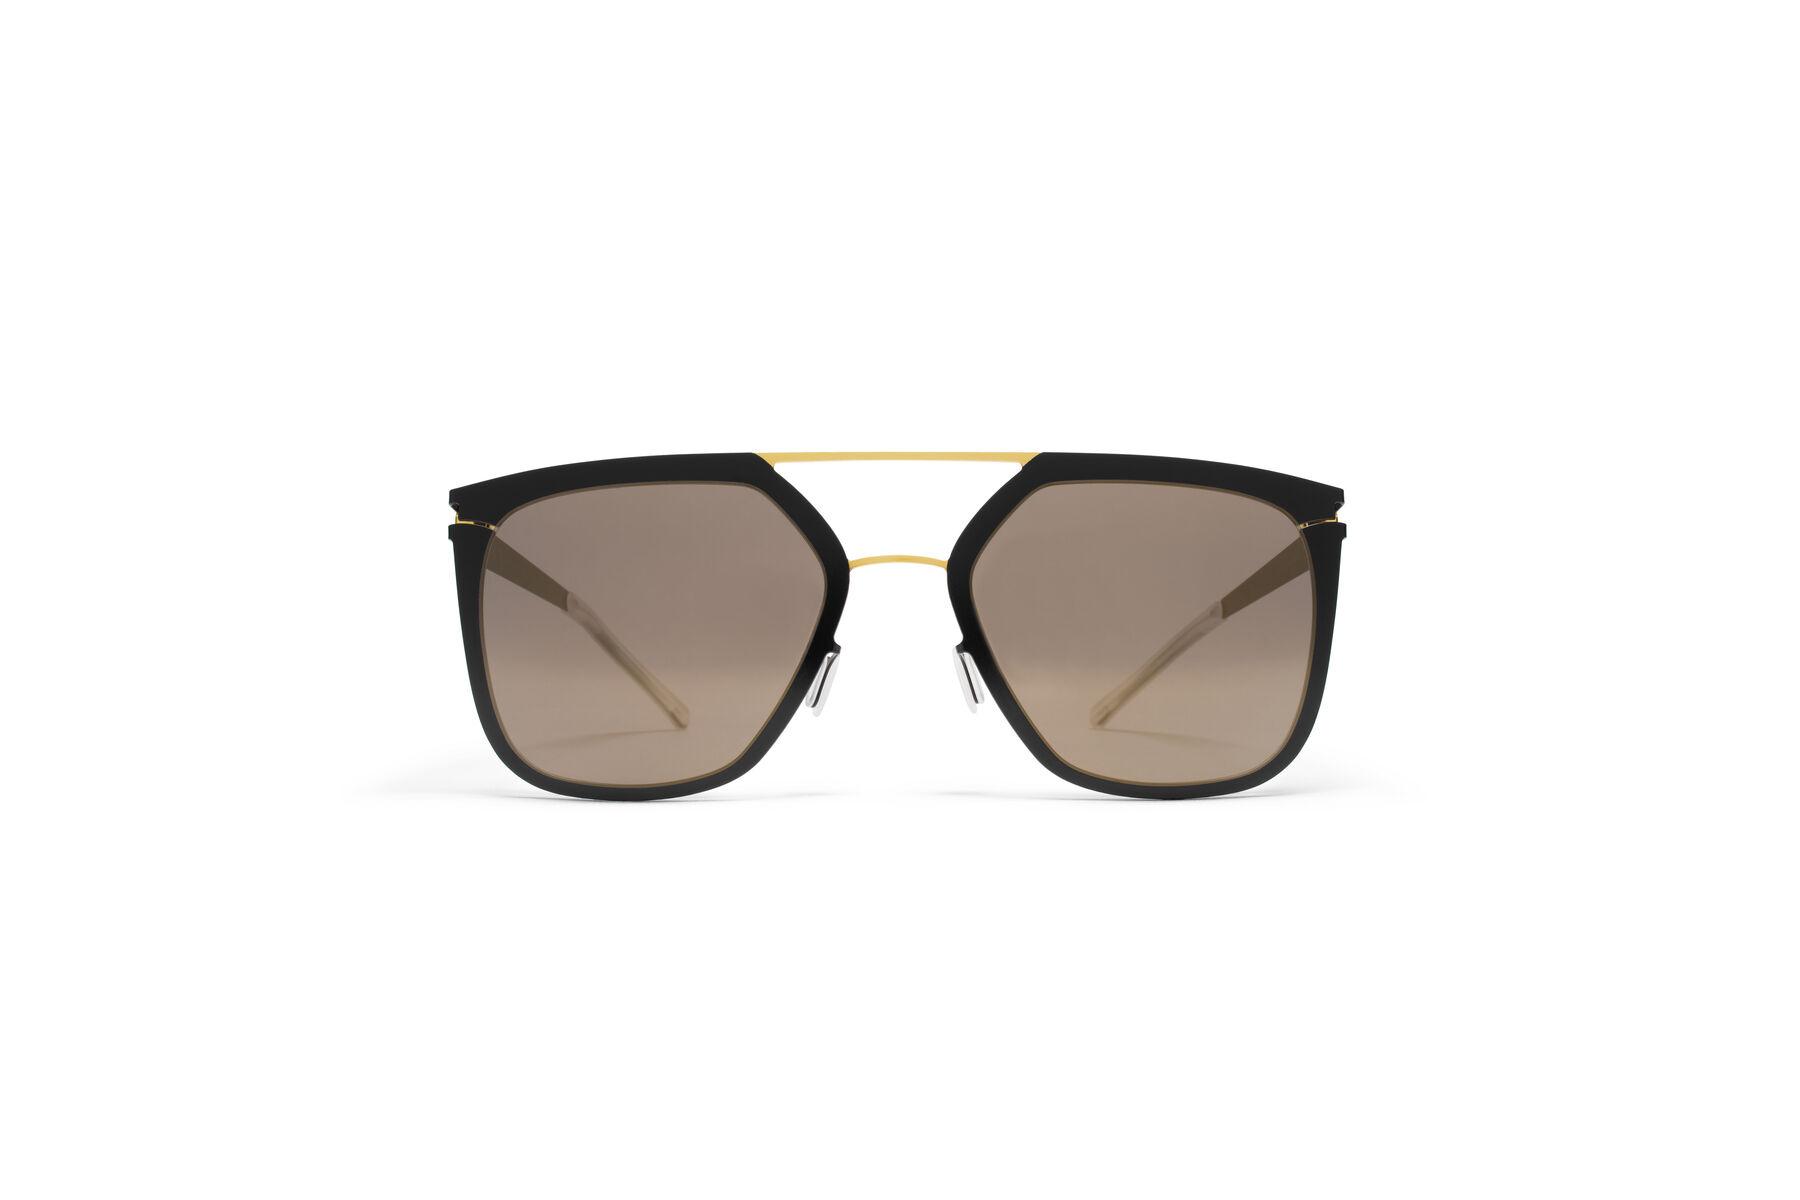 bae6cb862be Mykita Aviator Sunglasses Blue